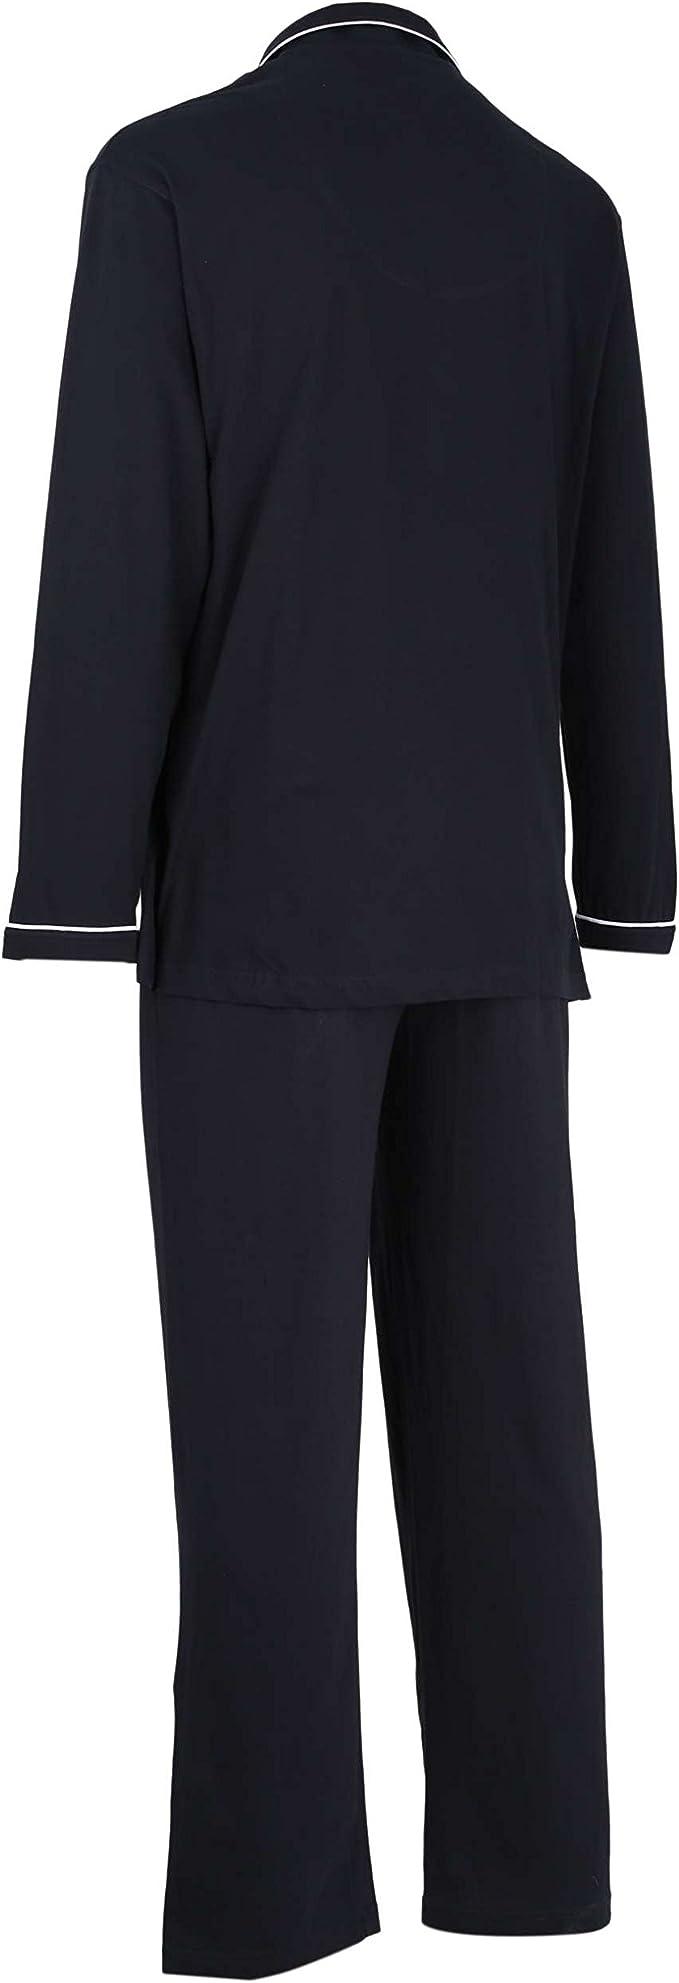 V Neck Details about  /GÖTZBURG Men/'s Pyjama Set Patterned Short